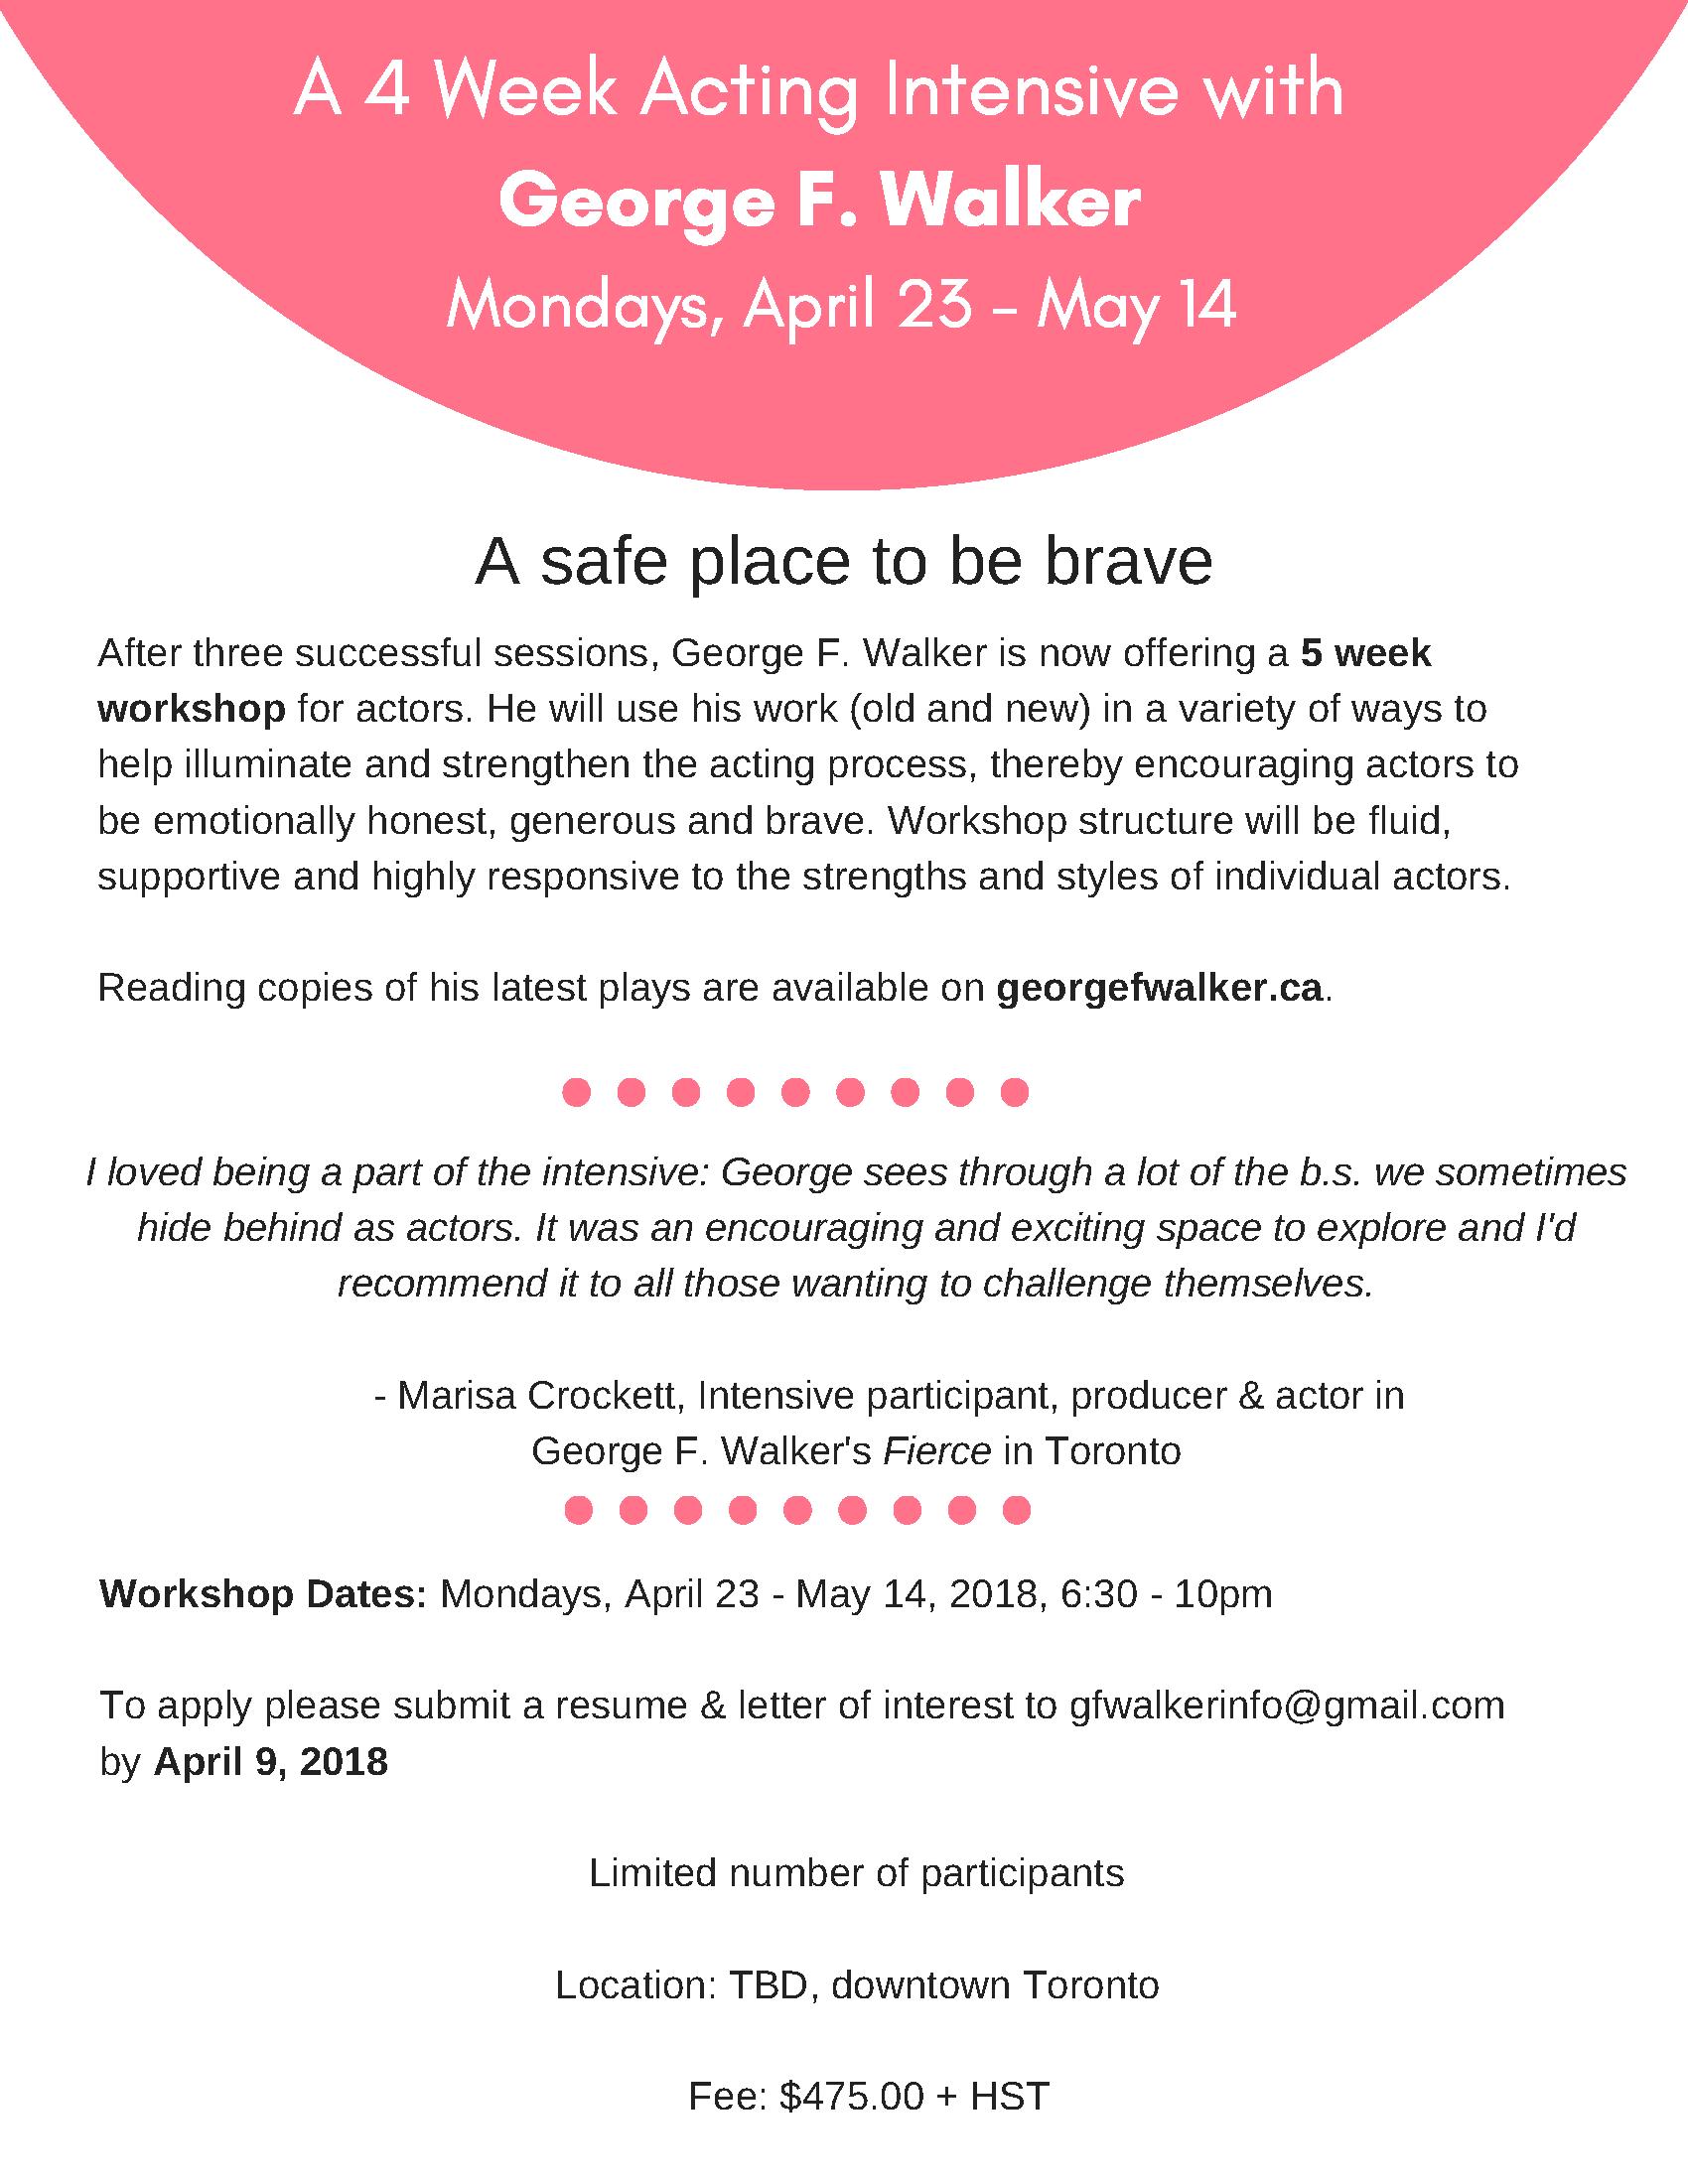 April_May 2018 Intensive